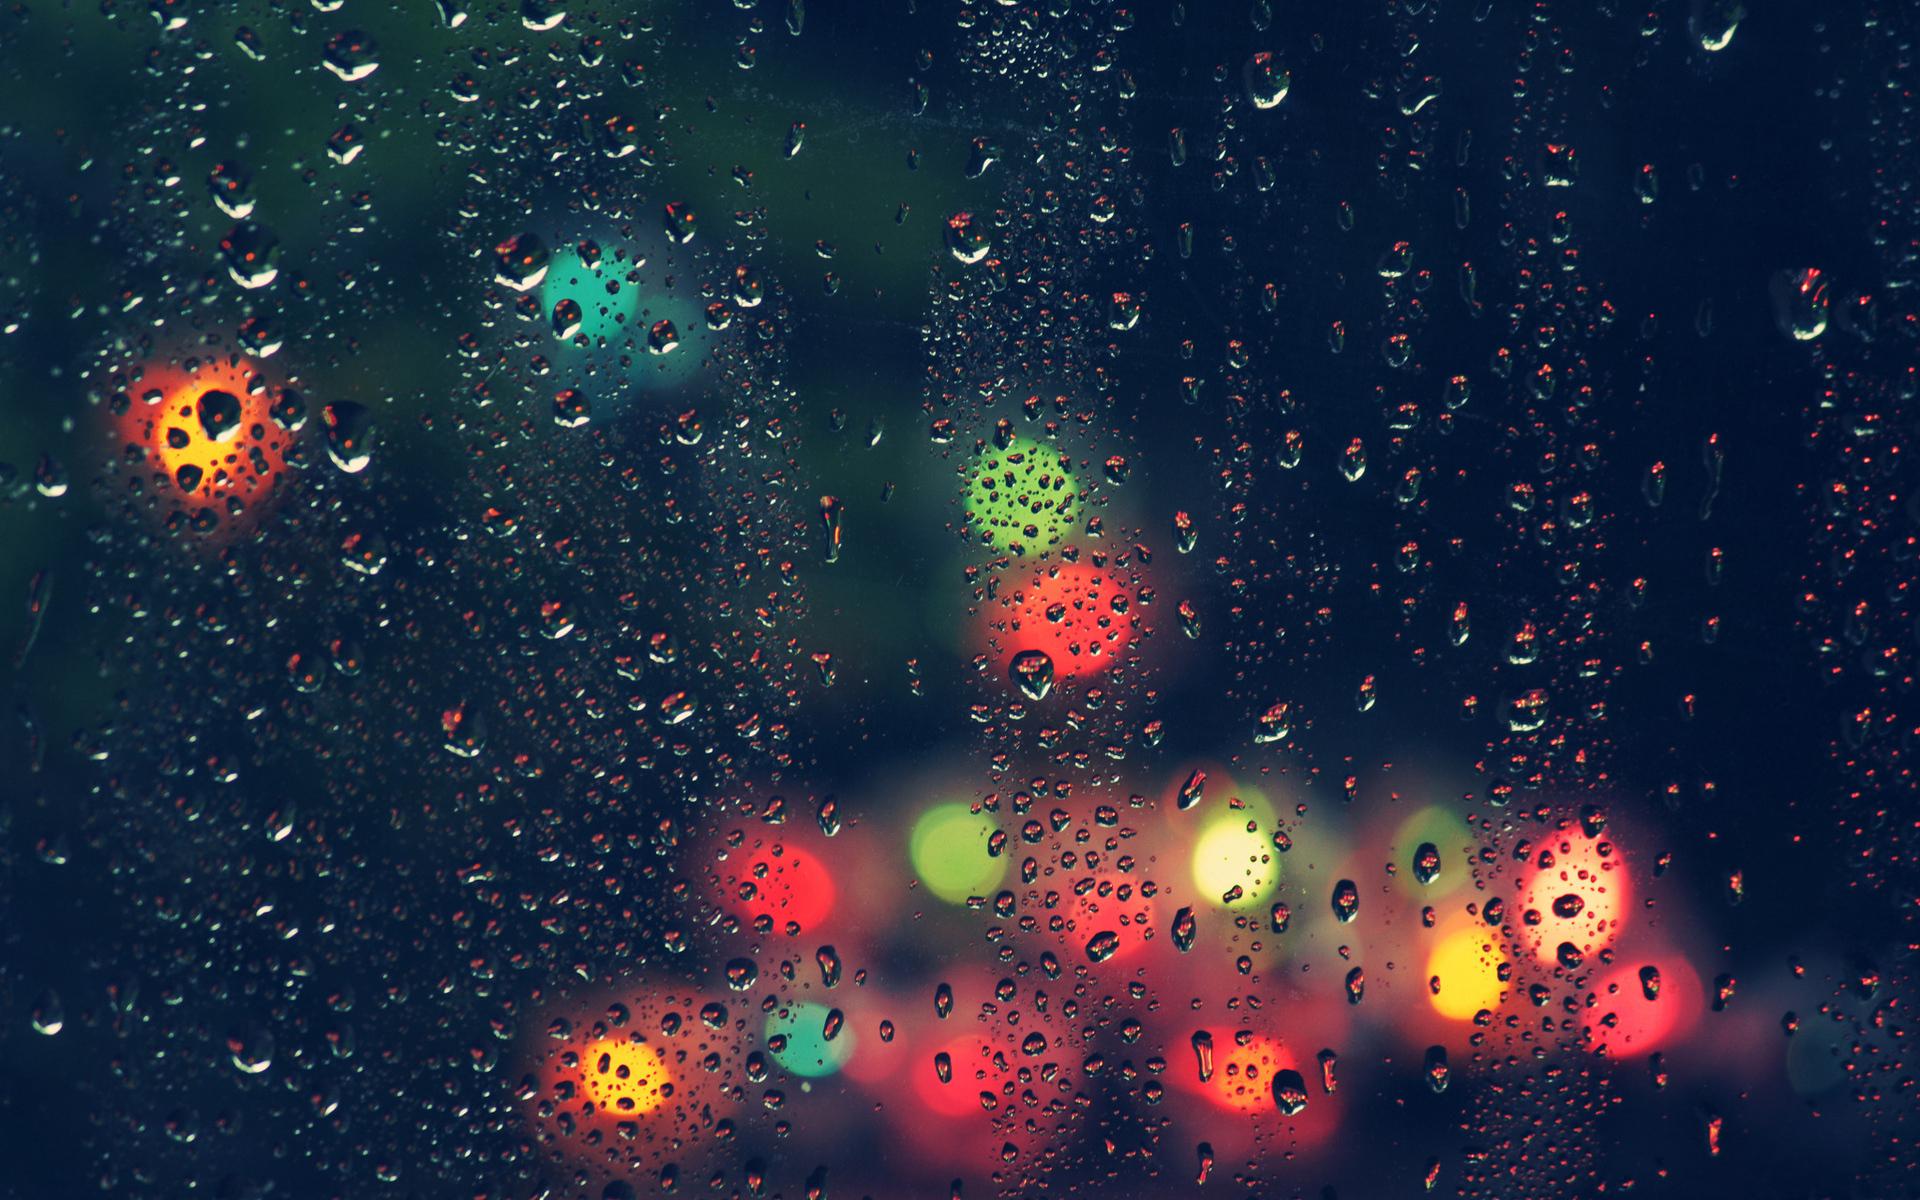 amazing water drop wallpaper 26144